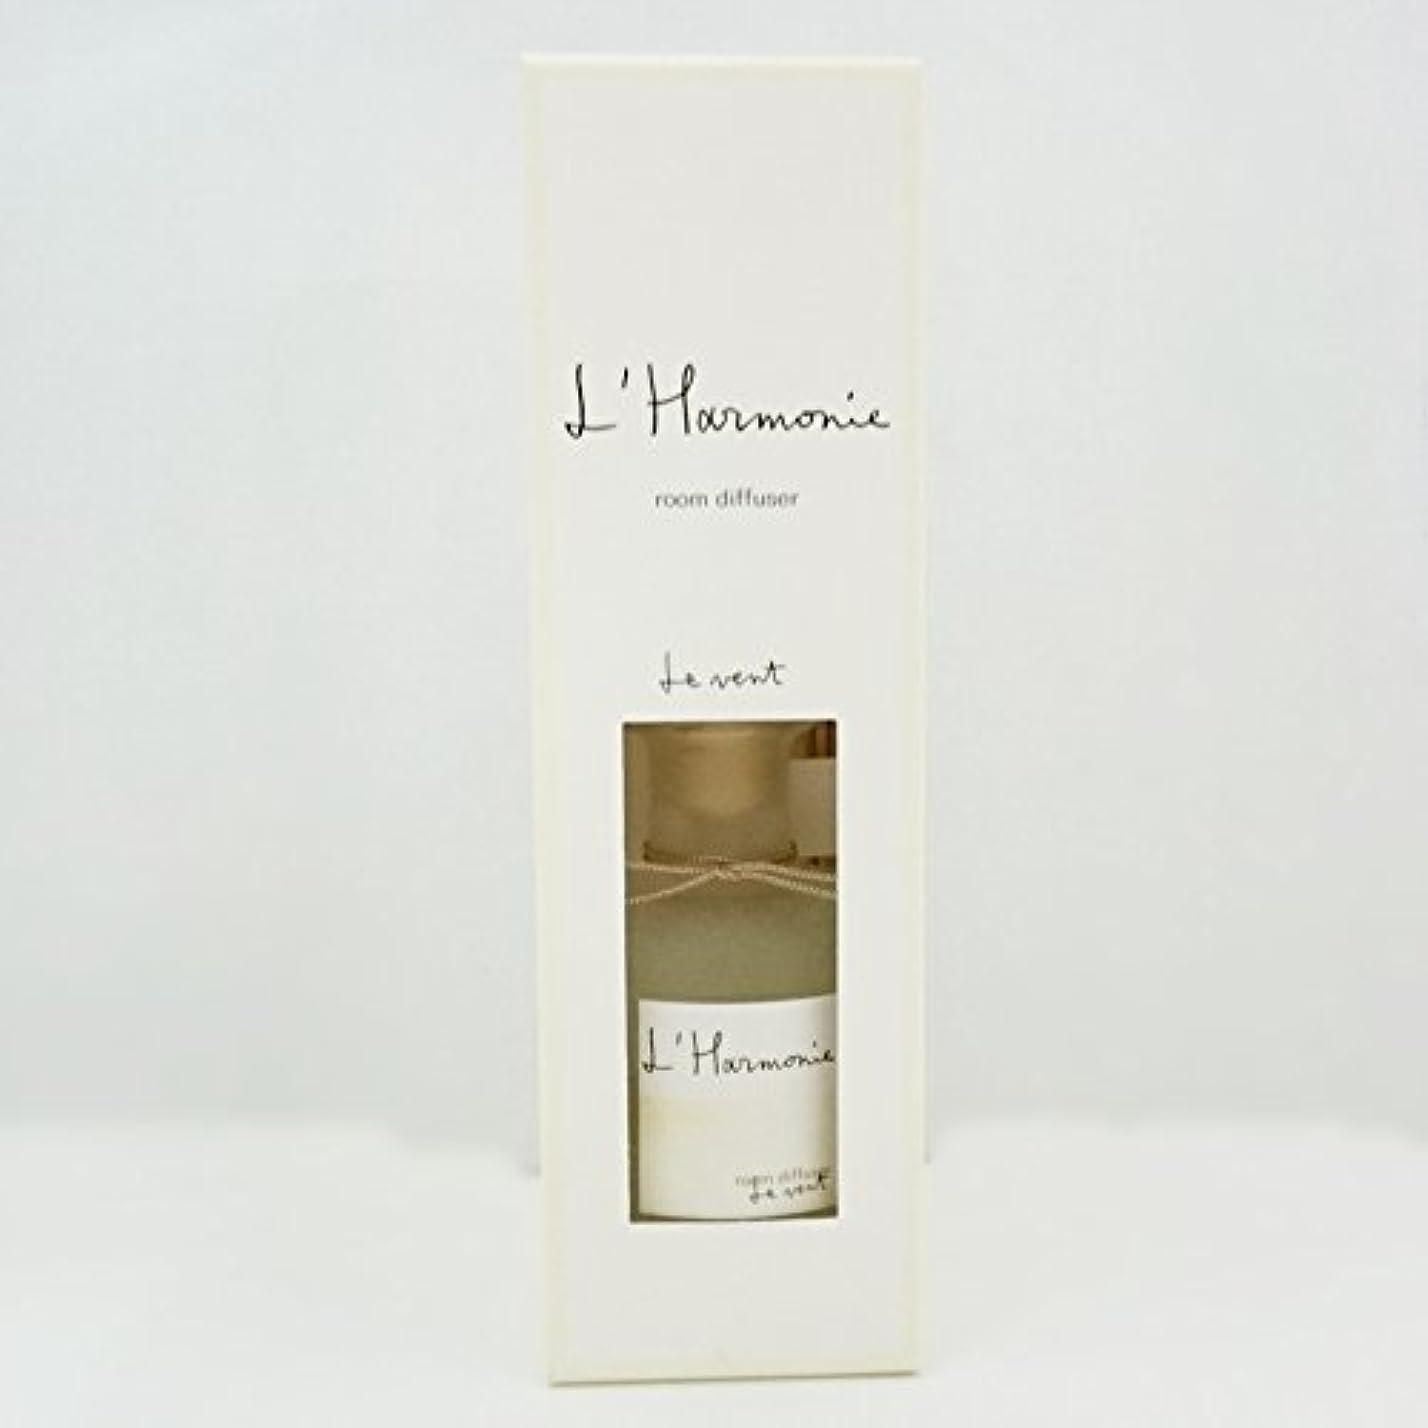 アラブラッシュ悪化するLothantique(ロタンティック) L' Harmonie(アルモニ) ルームディフューザー 200ml 「Le vent(ヴァン)」 4994228024640